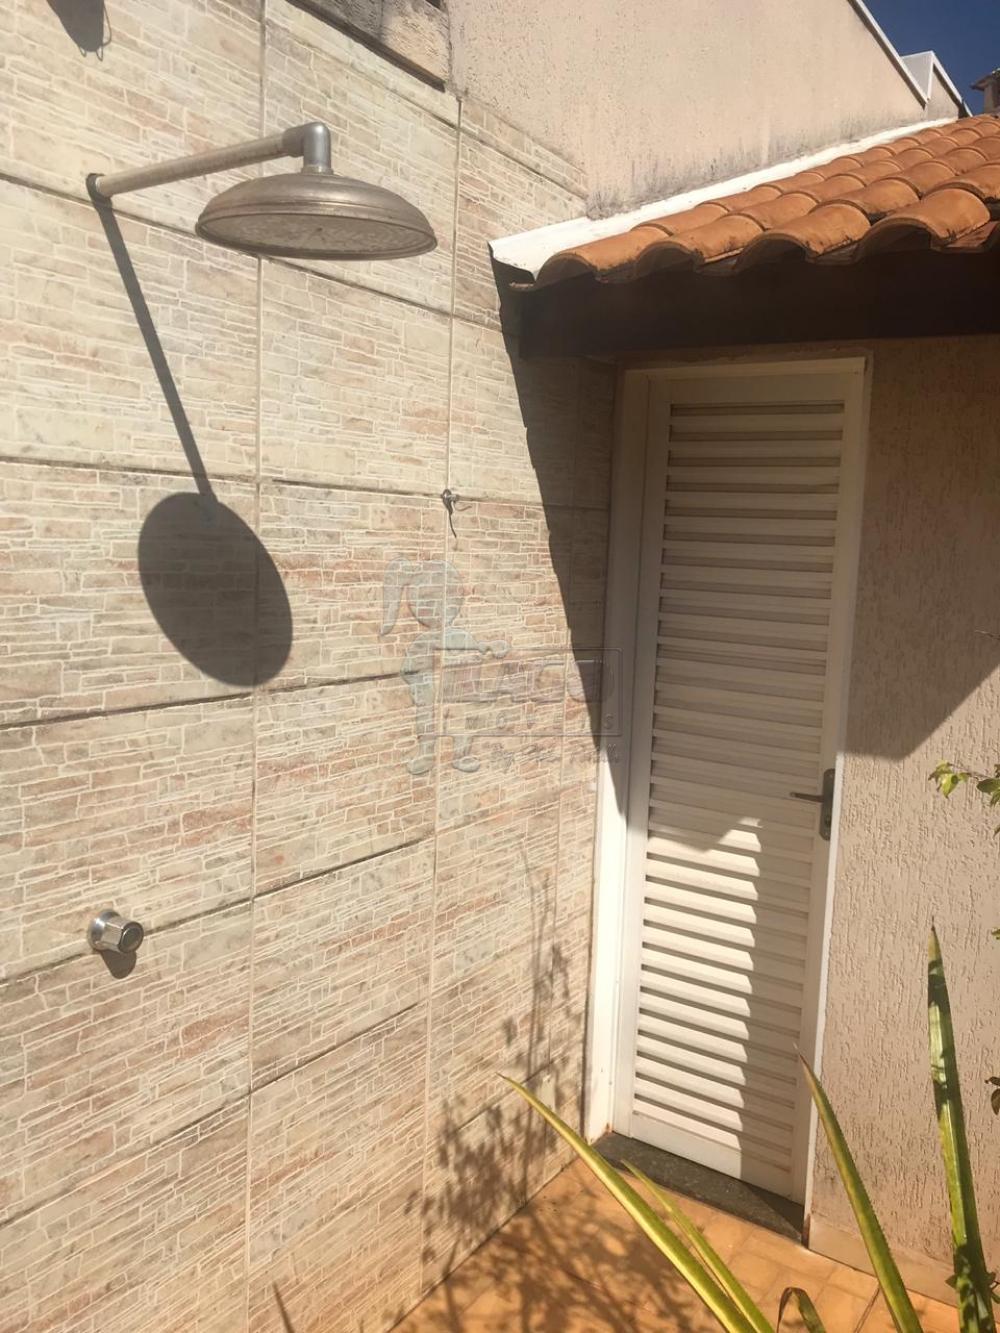 Alugar Casas / Condomínio em Ribeirão Preto apenas R$ 1.800,00 - Foto 15